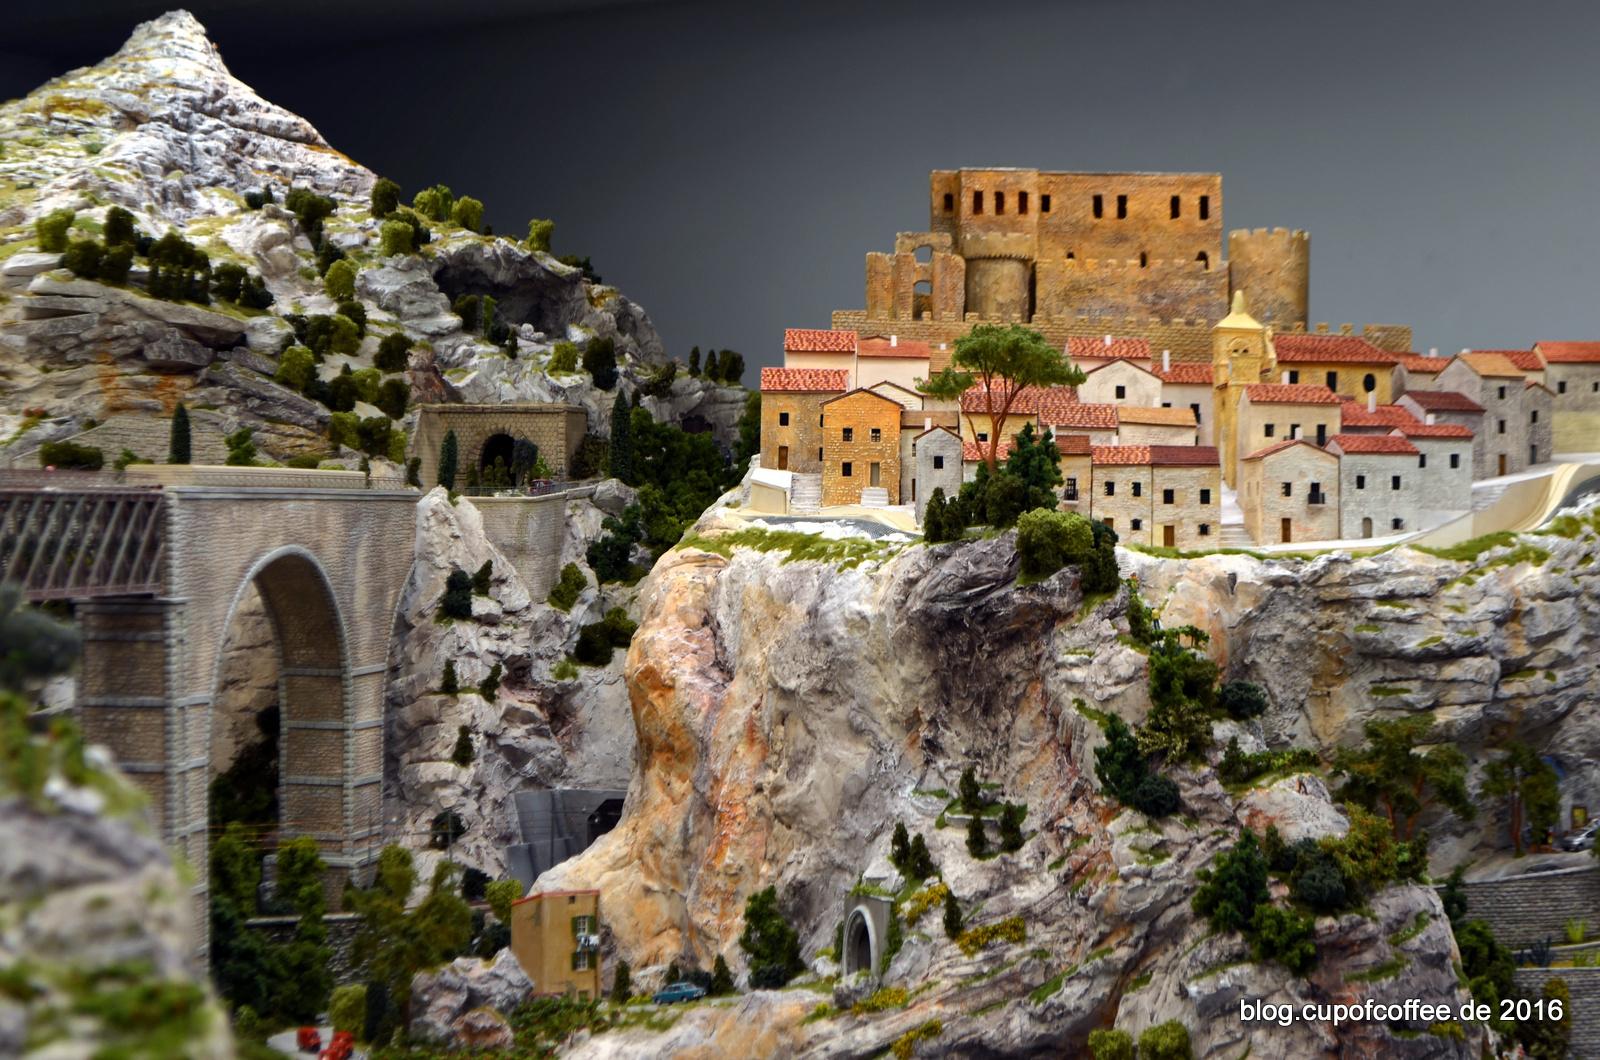 Hoch oben im Gebirge liegt Rocco Imperiale - Hier im September 2015 noch ohne Miniatur-Bevölkerung.